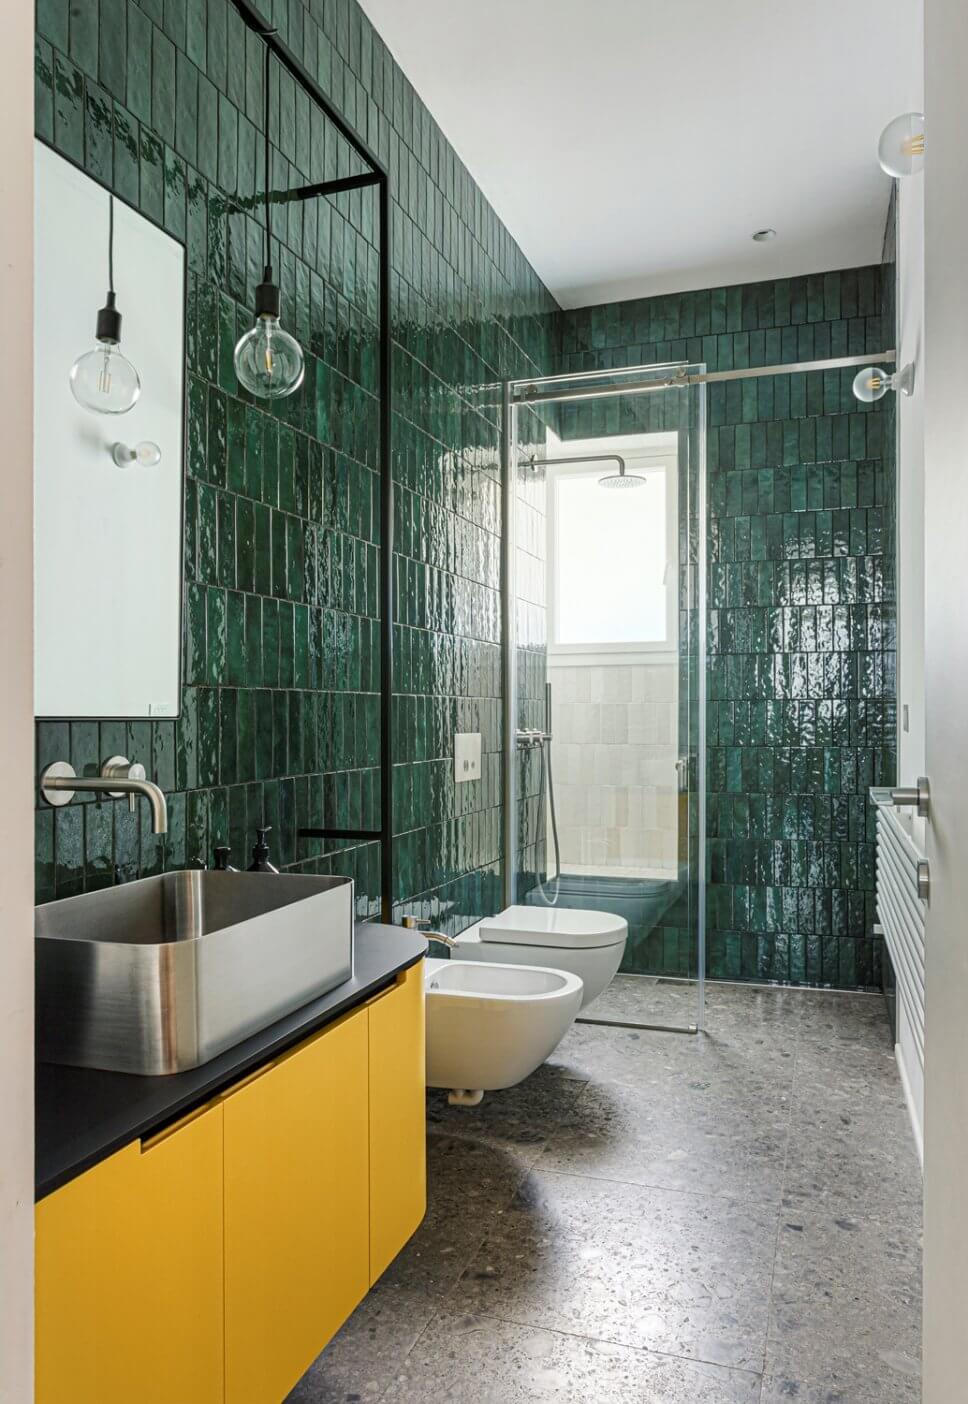 Großes Modernes Duschbad mit Kassettenfronten, gelben Schränken, offener Dusche, Wandtoilette, grünen Fliesen, Keramikfliesen, grüner Wandfarbe, Marmorboden, Aufsatzwaschbecken, Laminat-Waschtisch, grauem Boden und schwarzer Waschtischplatte in Mailand